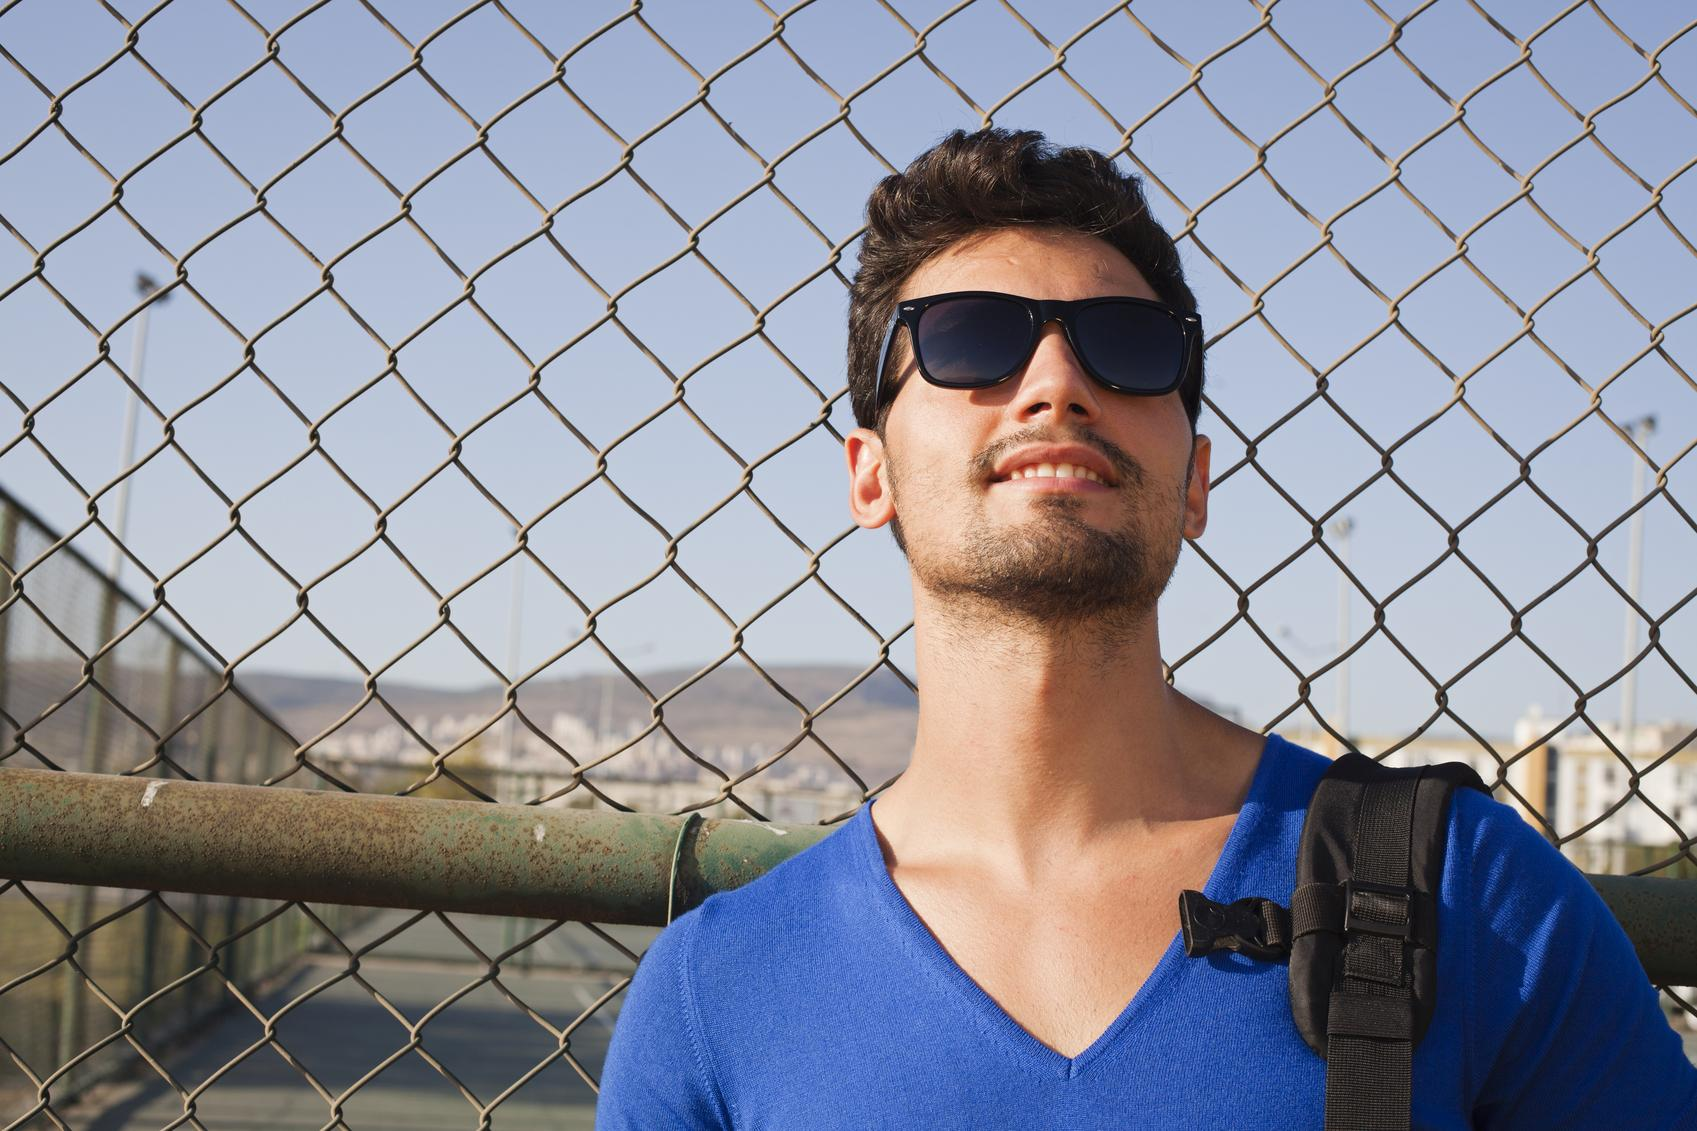 Chico con gafas de sol y mochila